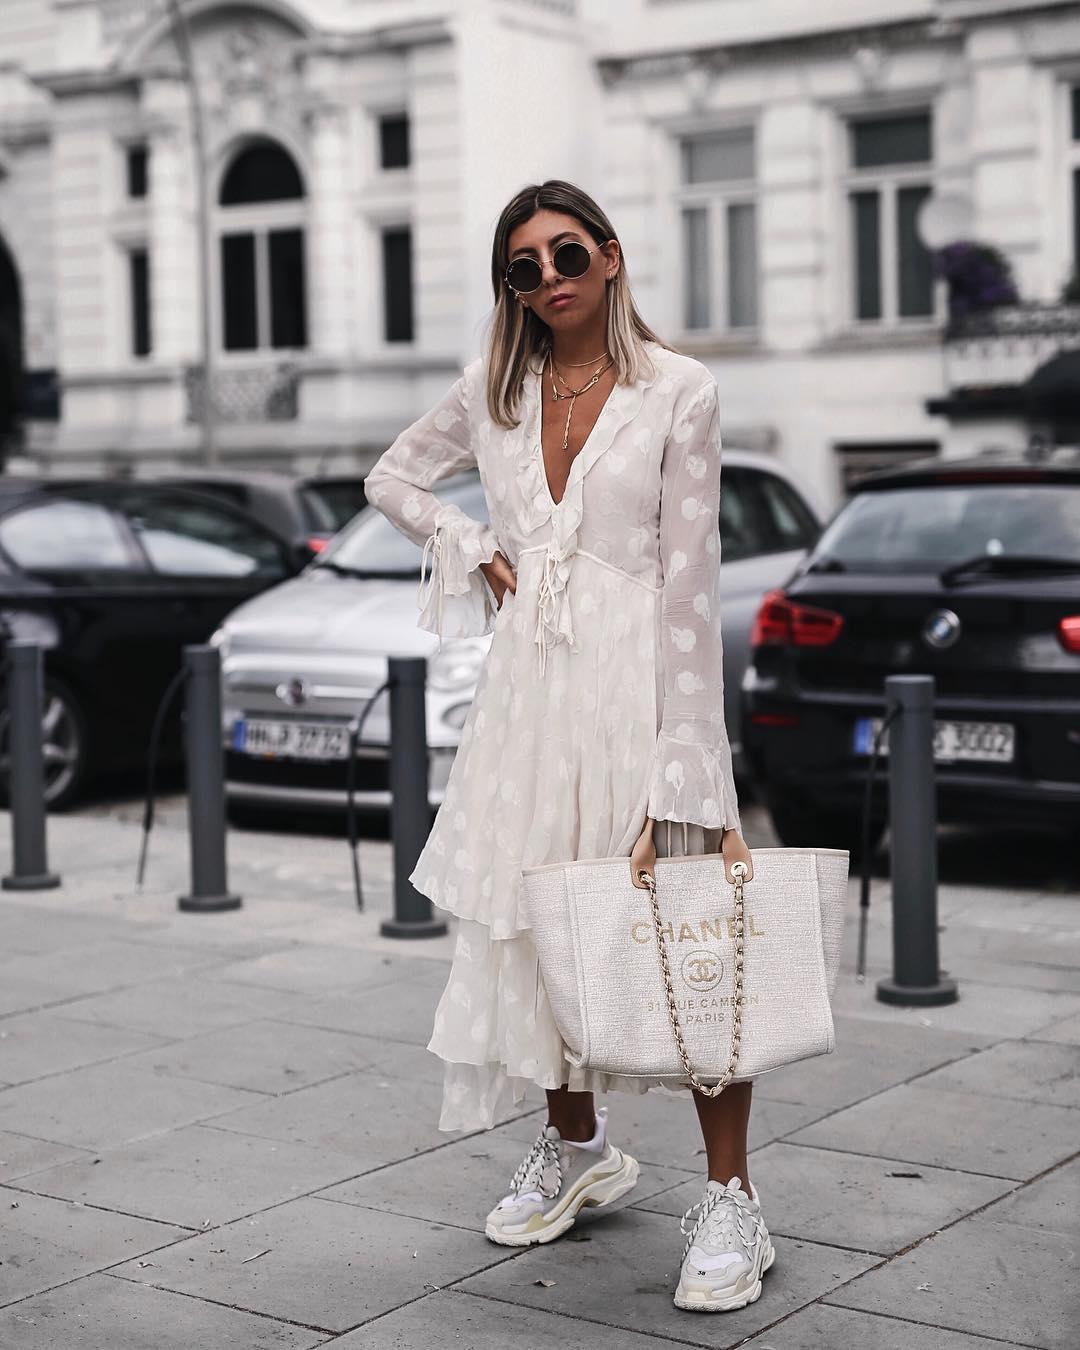 Модные тенденции лета 2019 года фото 11